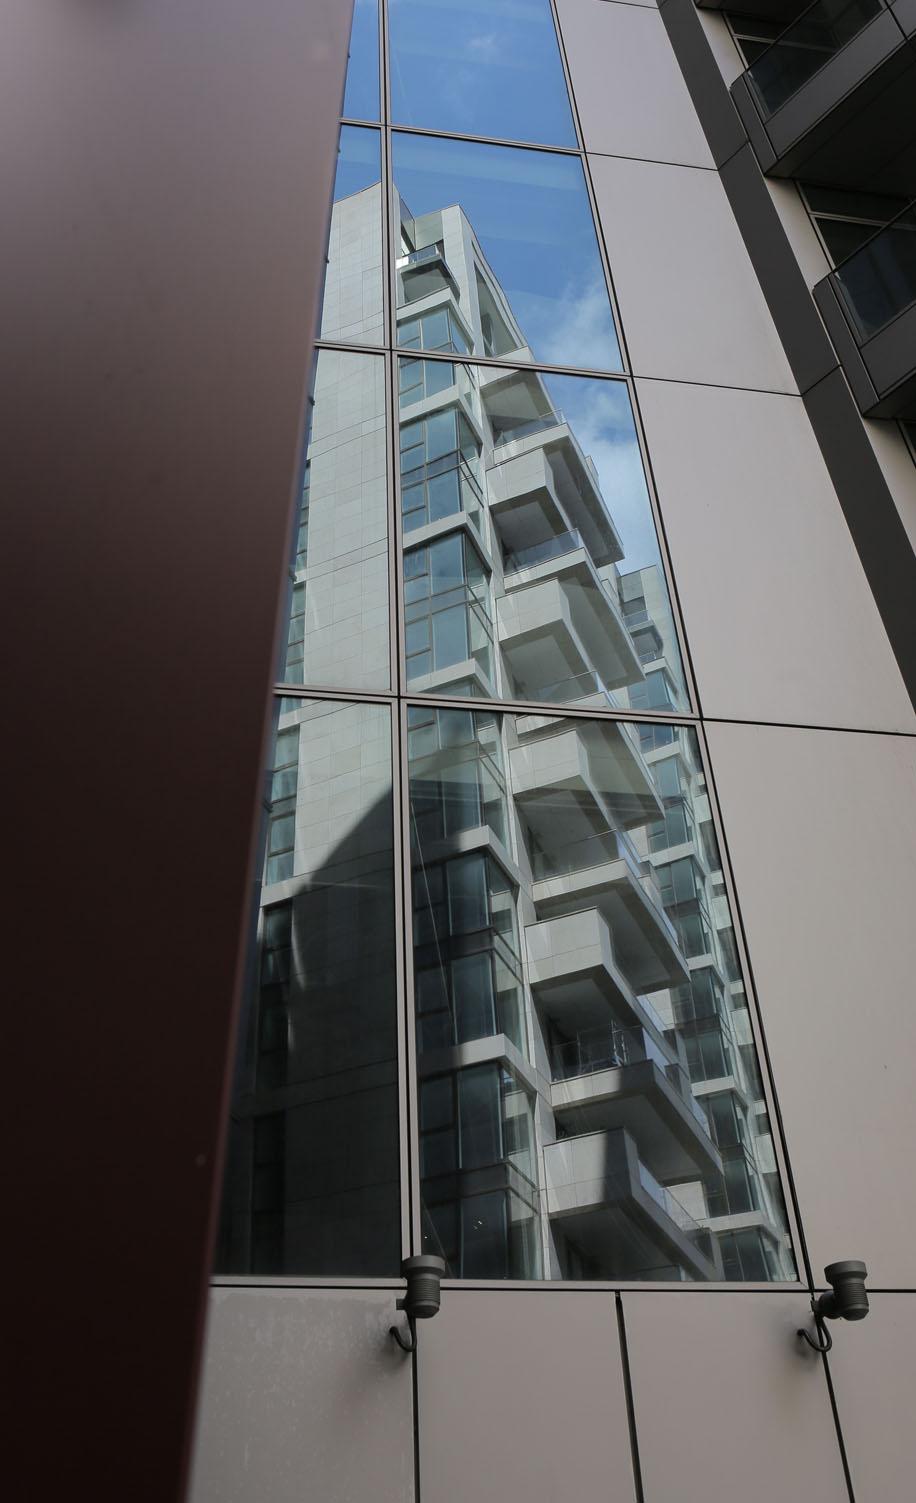 Hotel appartamenti ciani arredamenti for Ciani arredamenti